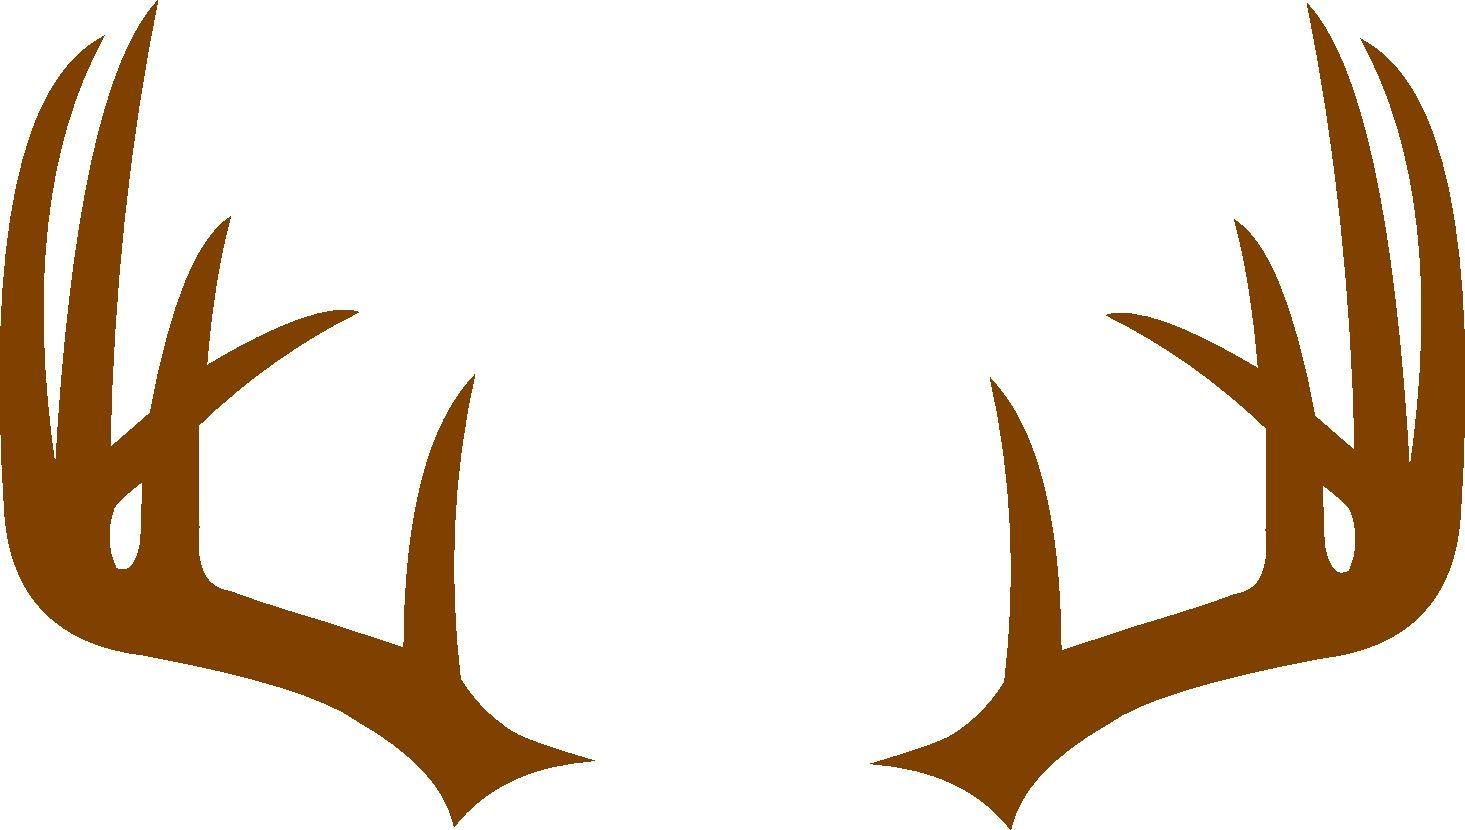 Antler clipart printable. Deer monogram frame svg